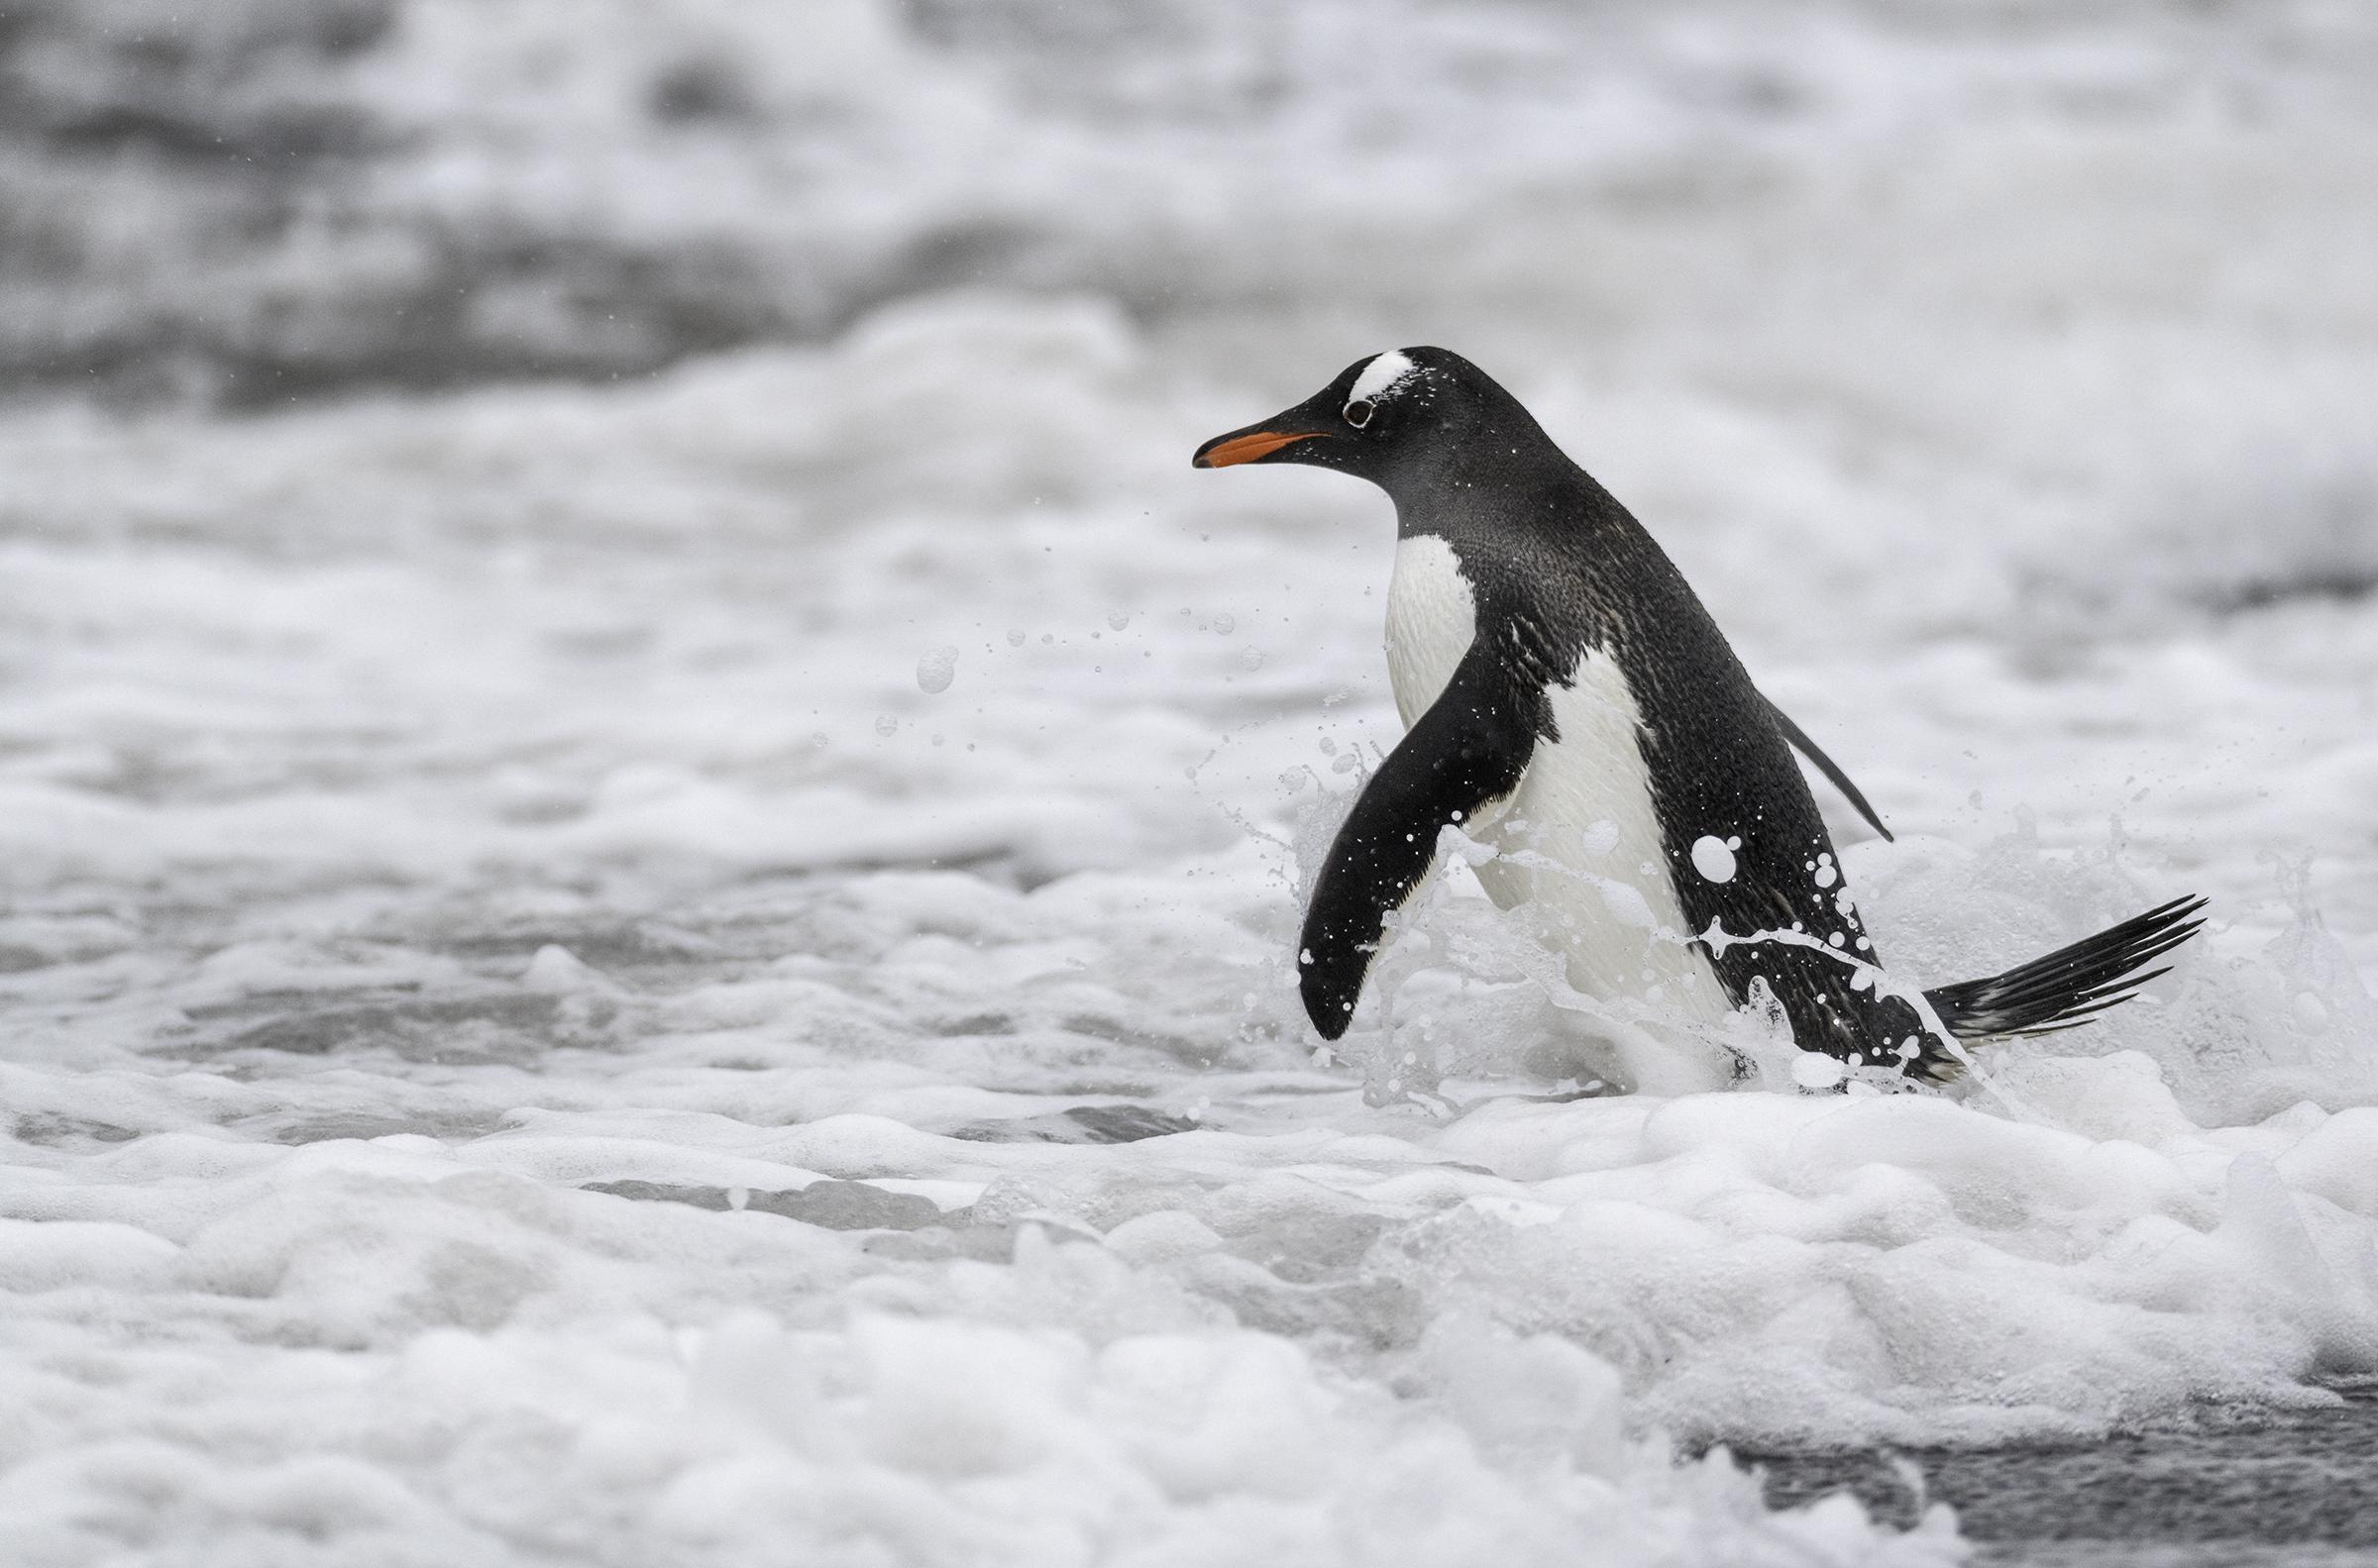 penguin in teh surf.jpg